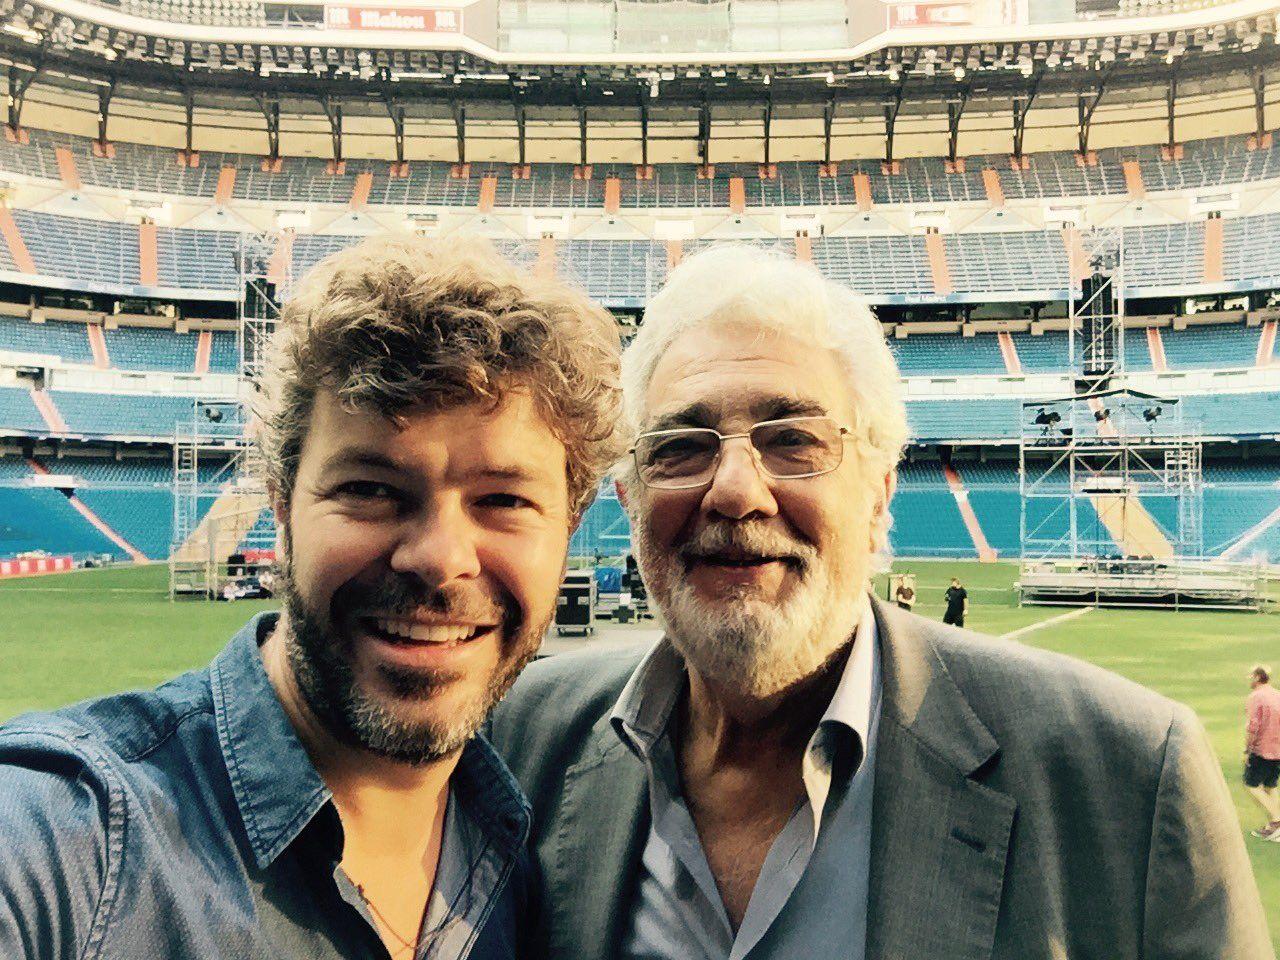 """Pablo Heras-Casado on Twitter: """"Volviendo de ensayar para mi próximo concierto...emocionante! @realmadriden @Fun_Realmadrid @PlacidoDomingo https://t.co/XROodGEb0U"""""""